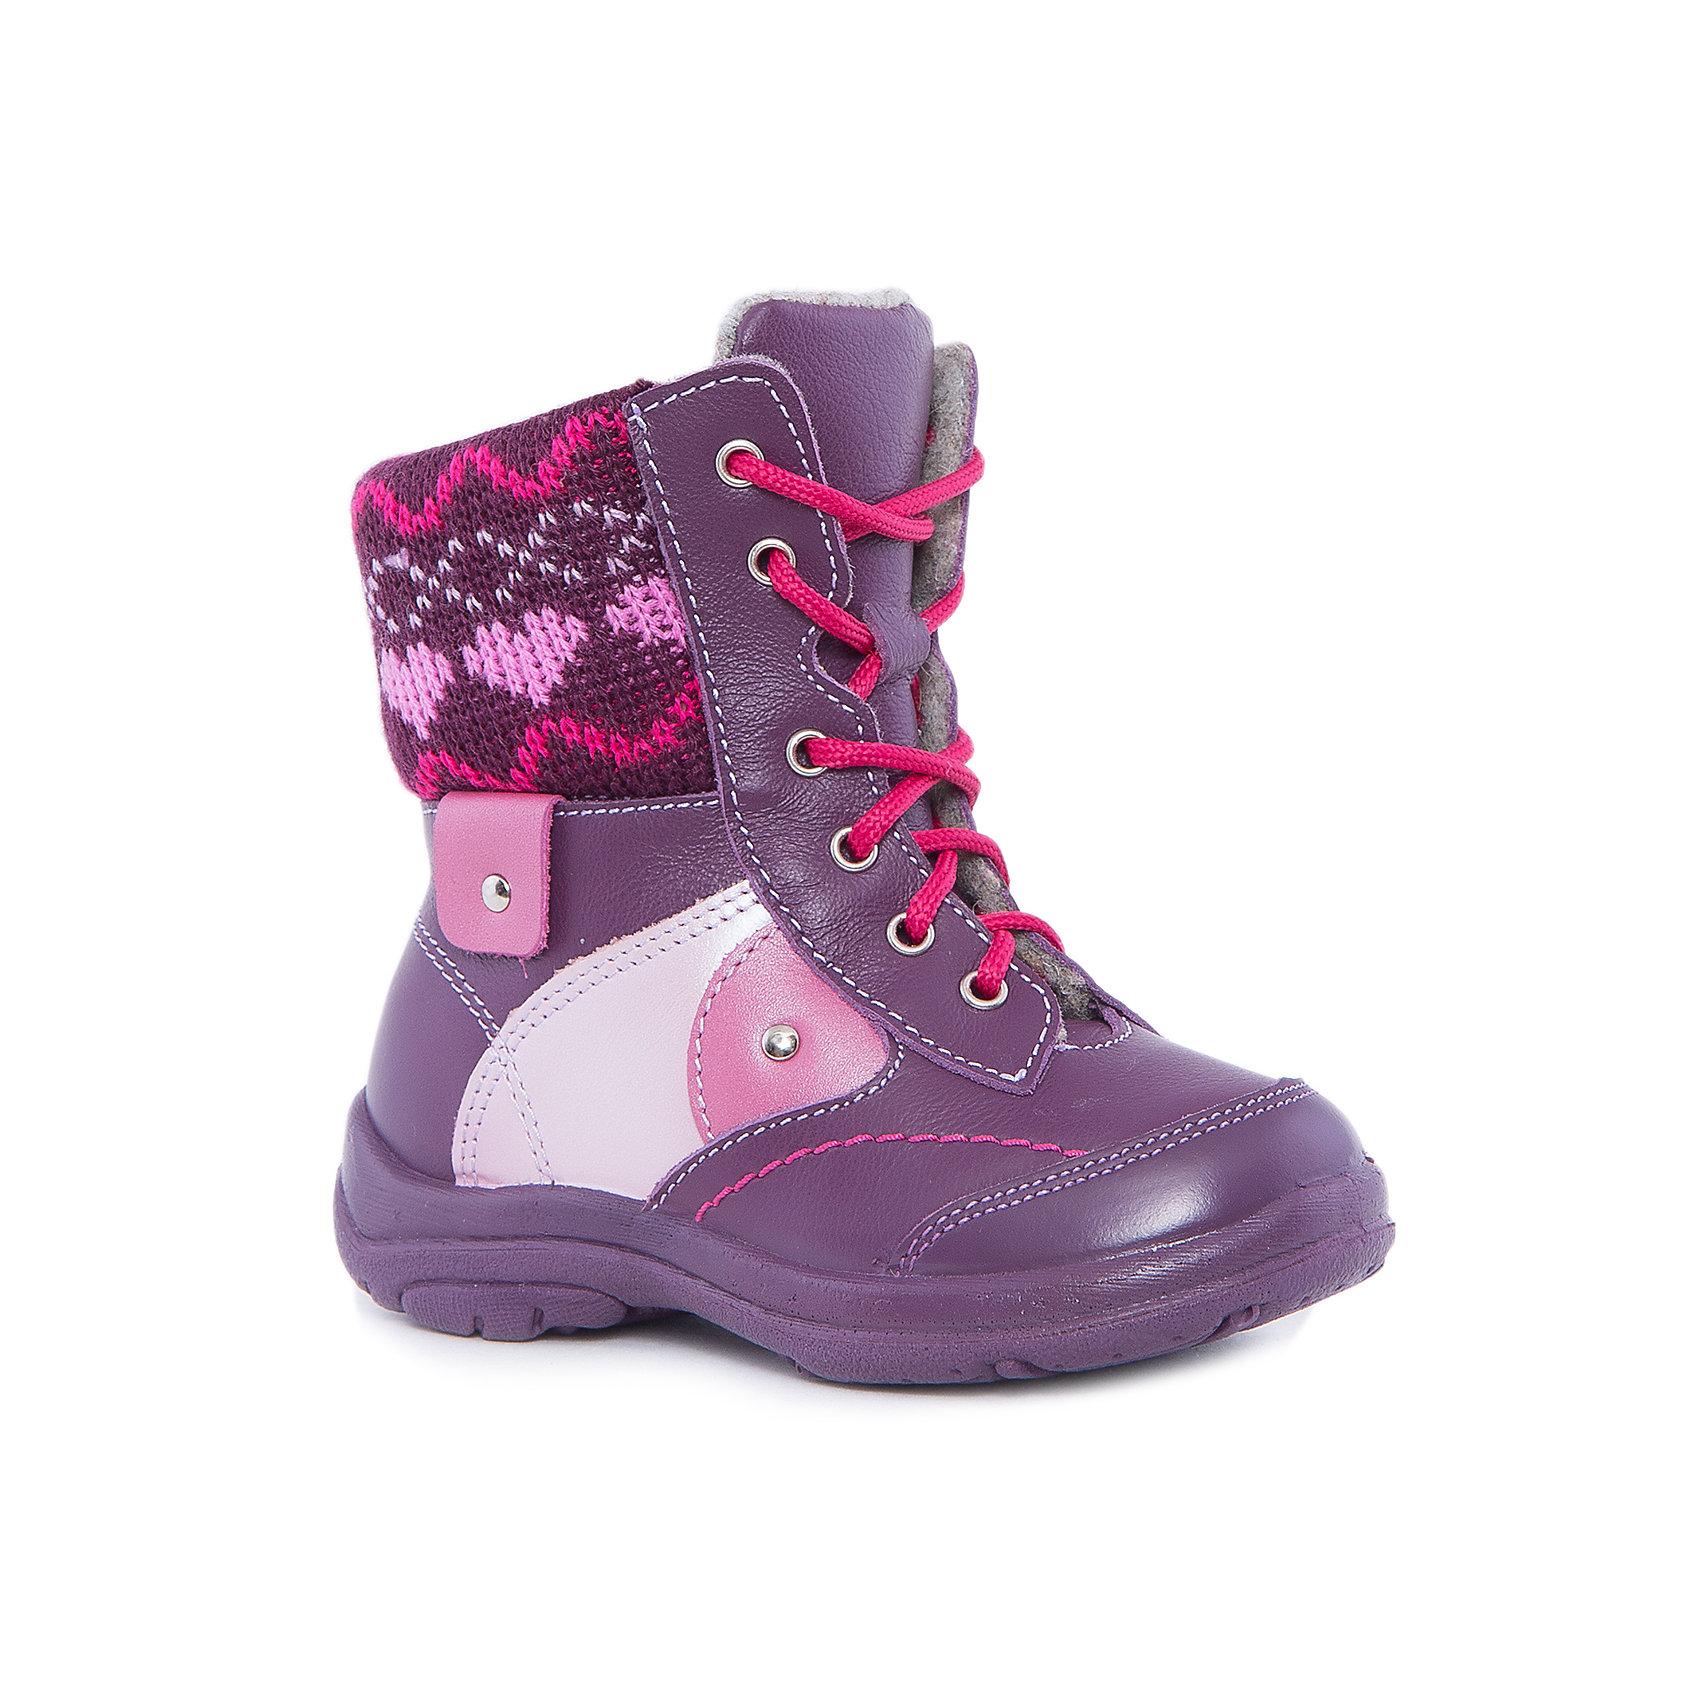 Ботинки для девочки КотофейКотофей – качественная и стильная детская обувь по доступным ценам. С каждым днем популярность бренда растет.  Зимние ботинки для мальчика из новой коллекции отвечают всем модным тенденциям и требованиям по качеству одновременно. У модели есть стильная отстрочка и детали подходящего оттенка. Отличительная особенность ботиночек – яркая манжета в районе щиколотки, защищающая от ветра.<br><br>Дополнительная информация:<br><br>цвет: фиолетовый;<br>крепление: литьевое;<br>застежка: шнурки, пластмассовая молния;<br>температурный режим: от -10 °С до +10° С.<br><br>Состав:<br>верх – кожаный материал;<br>подклад – материал байка;<br>материал подошвы – ПУ.<br><br>Зимние ботиночки для девочек  дошкольного возраста из кожи от фирмы Котофей можно приобрести у нас в магазине.<br><br>Ширина мм: 262<br>Глубина мм: 176<br>Высота мм: 97<br>Вес г: 427<br>Цвет: фиолетовый<br>Возраст от месяцев: 24<br>Возраст до месяцев: 36<br>Пол: Женский<br>Возраст: Детский<br>Размер: 25,27,26,28<br>SKU: 4982131